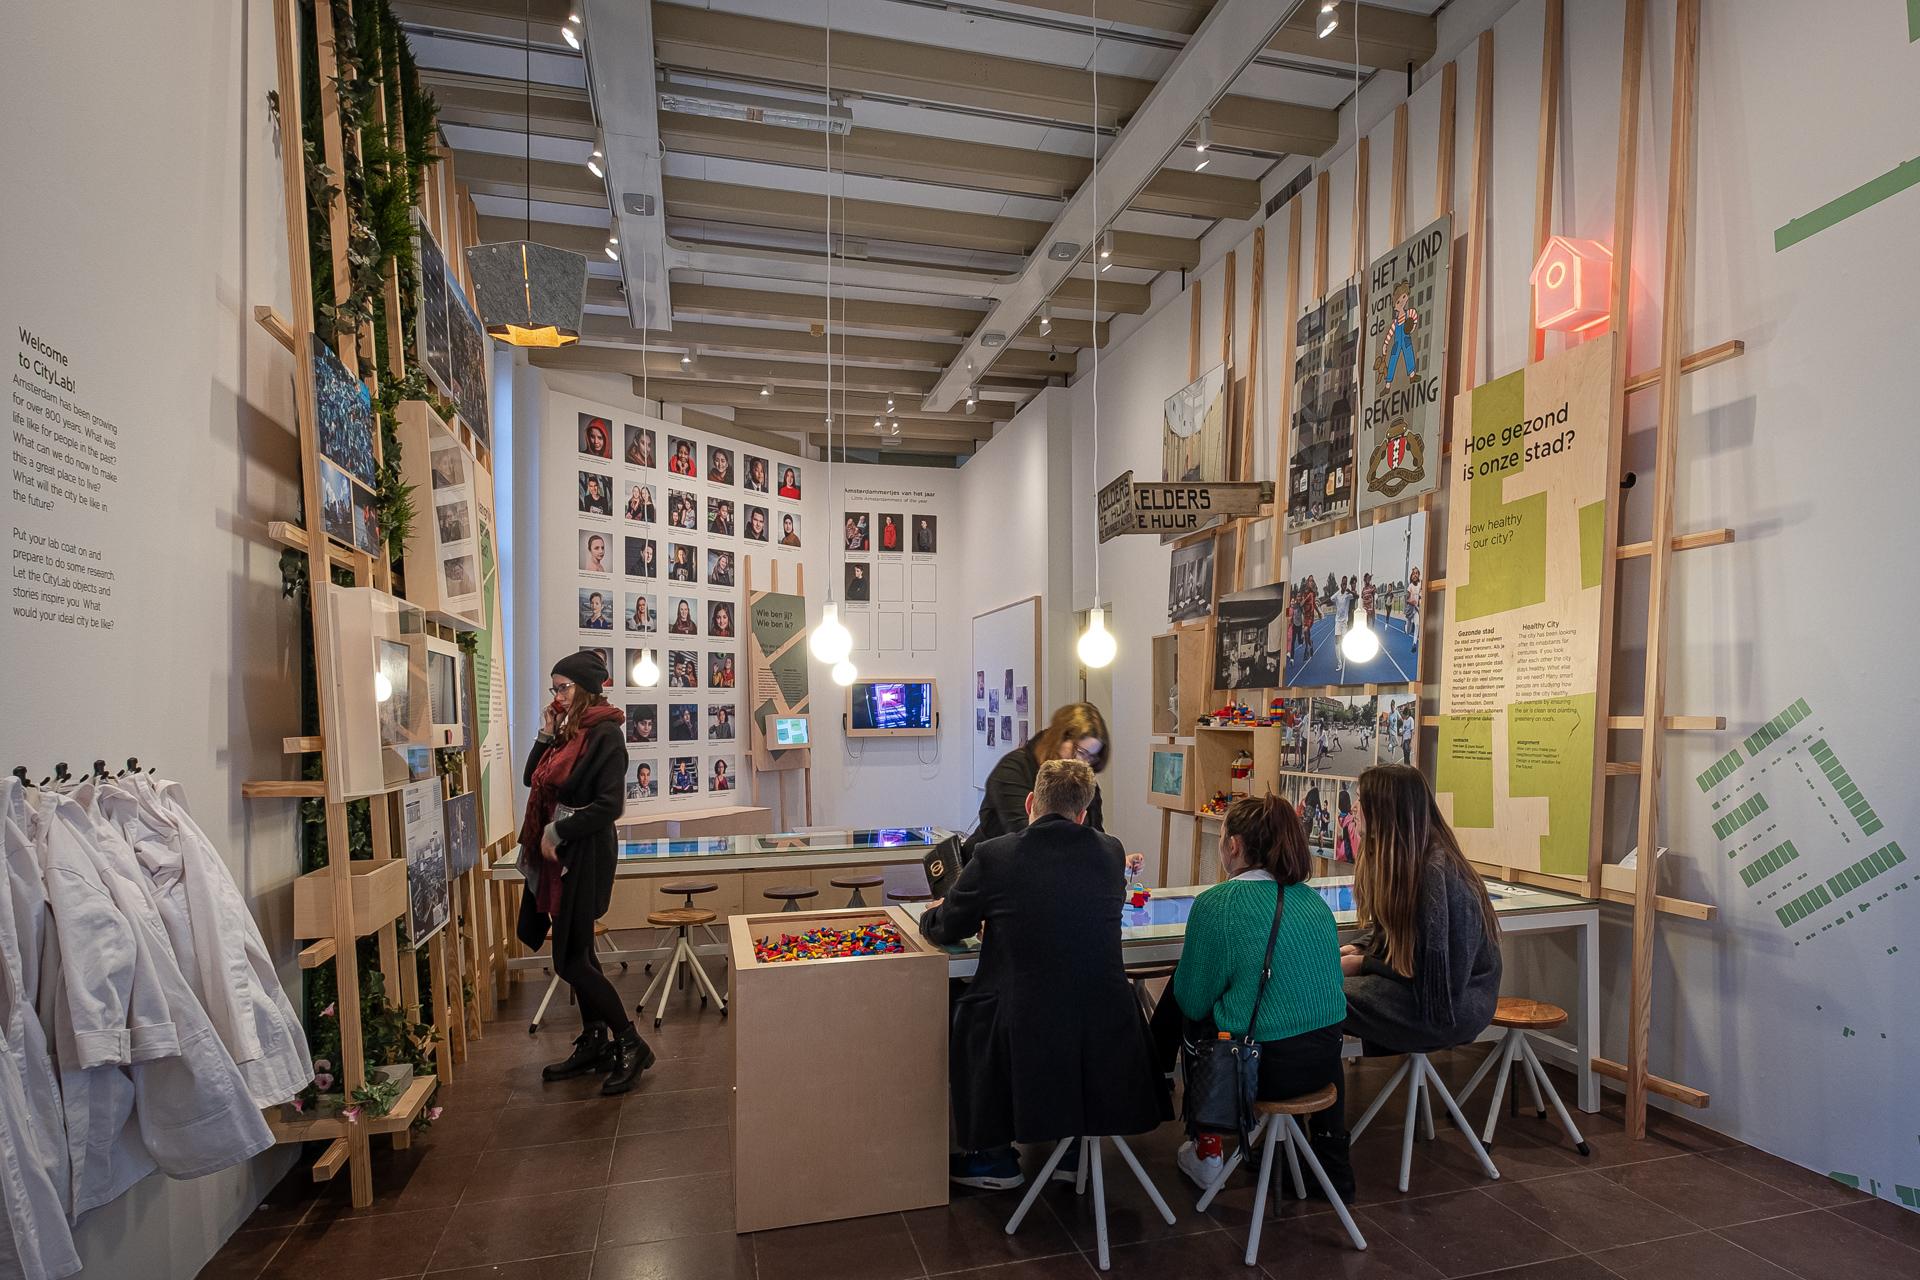 tentoonstellingsontwerp stadslab2 amsterdam museum 16 jpg